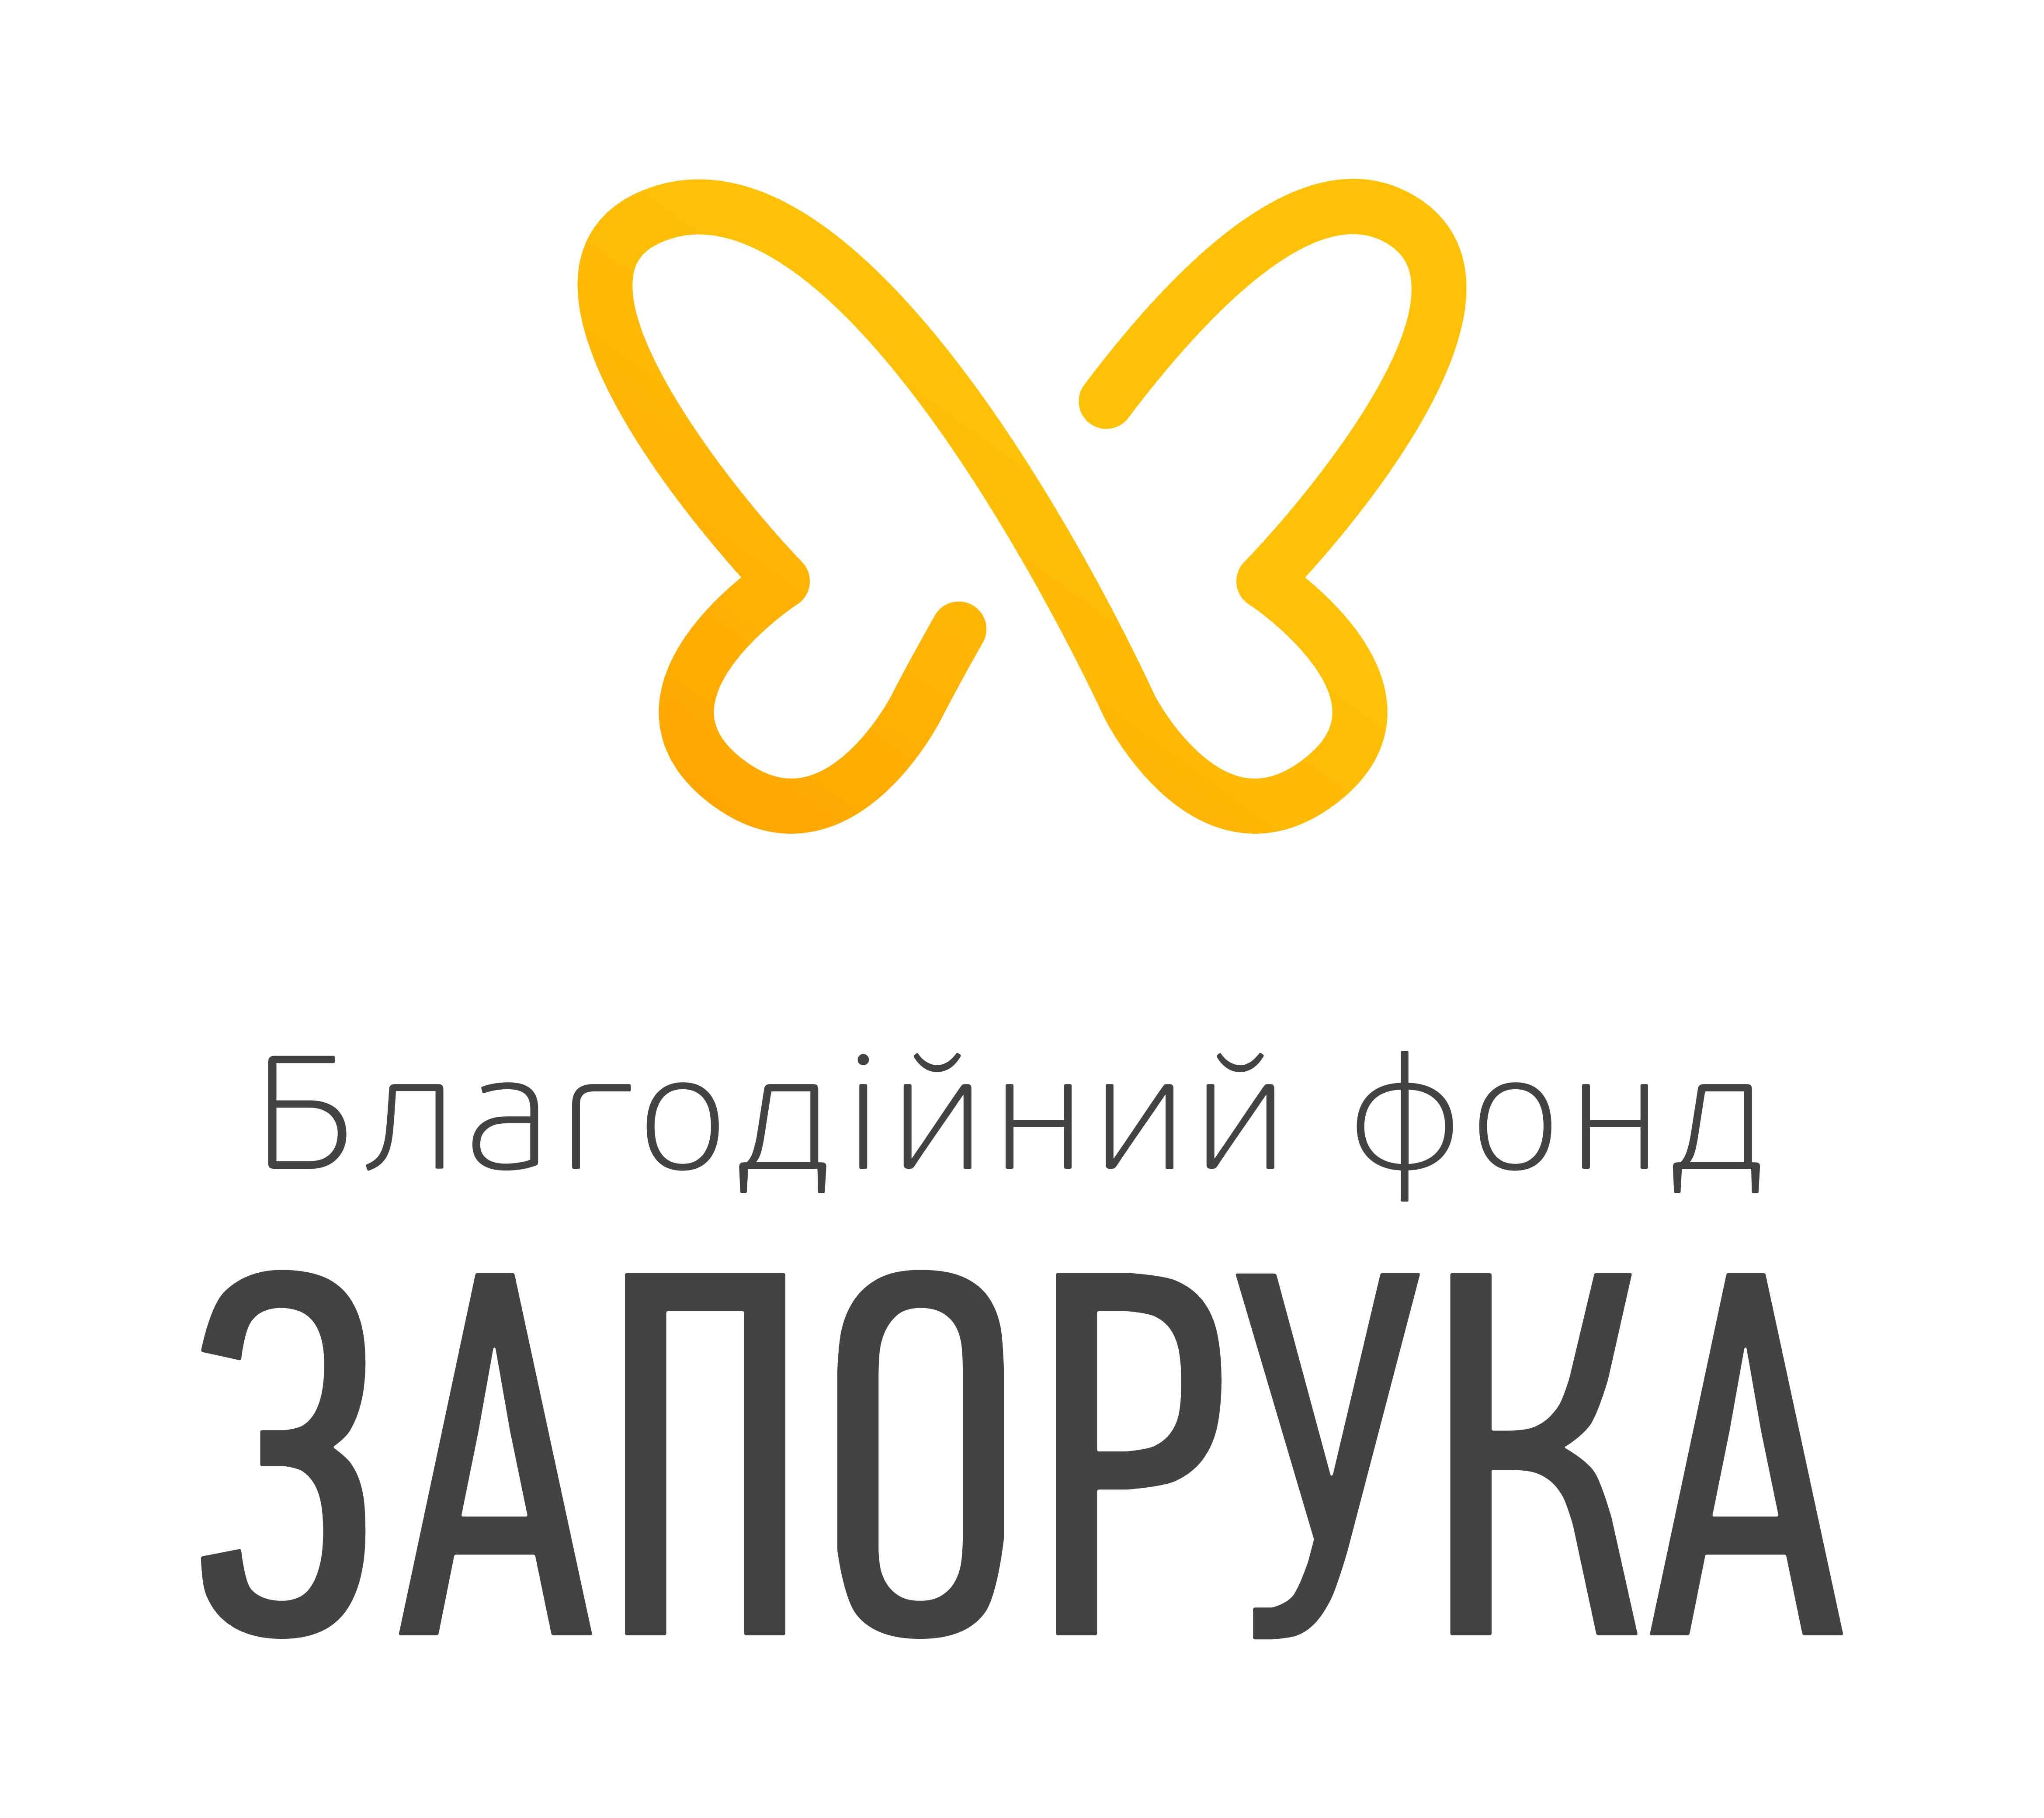 Благодійна організація «Благодійний фонд «Запорука»